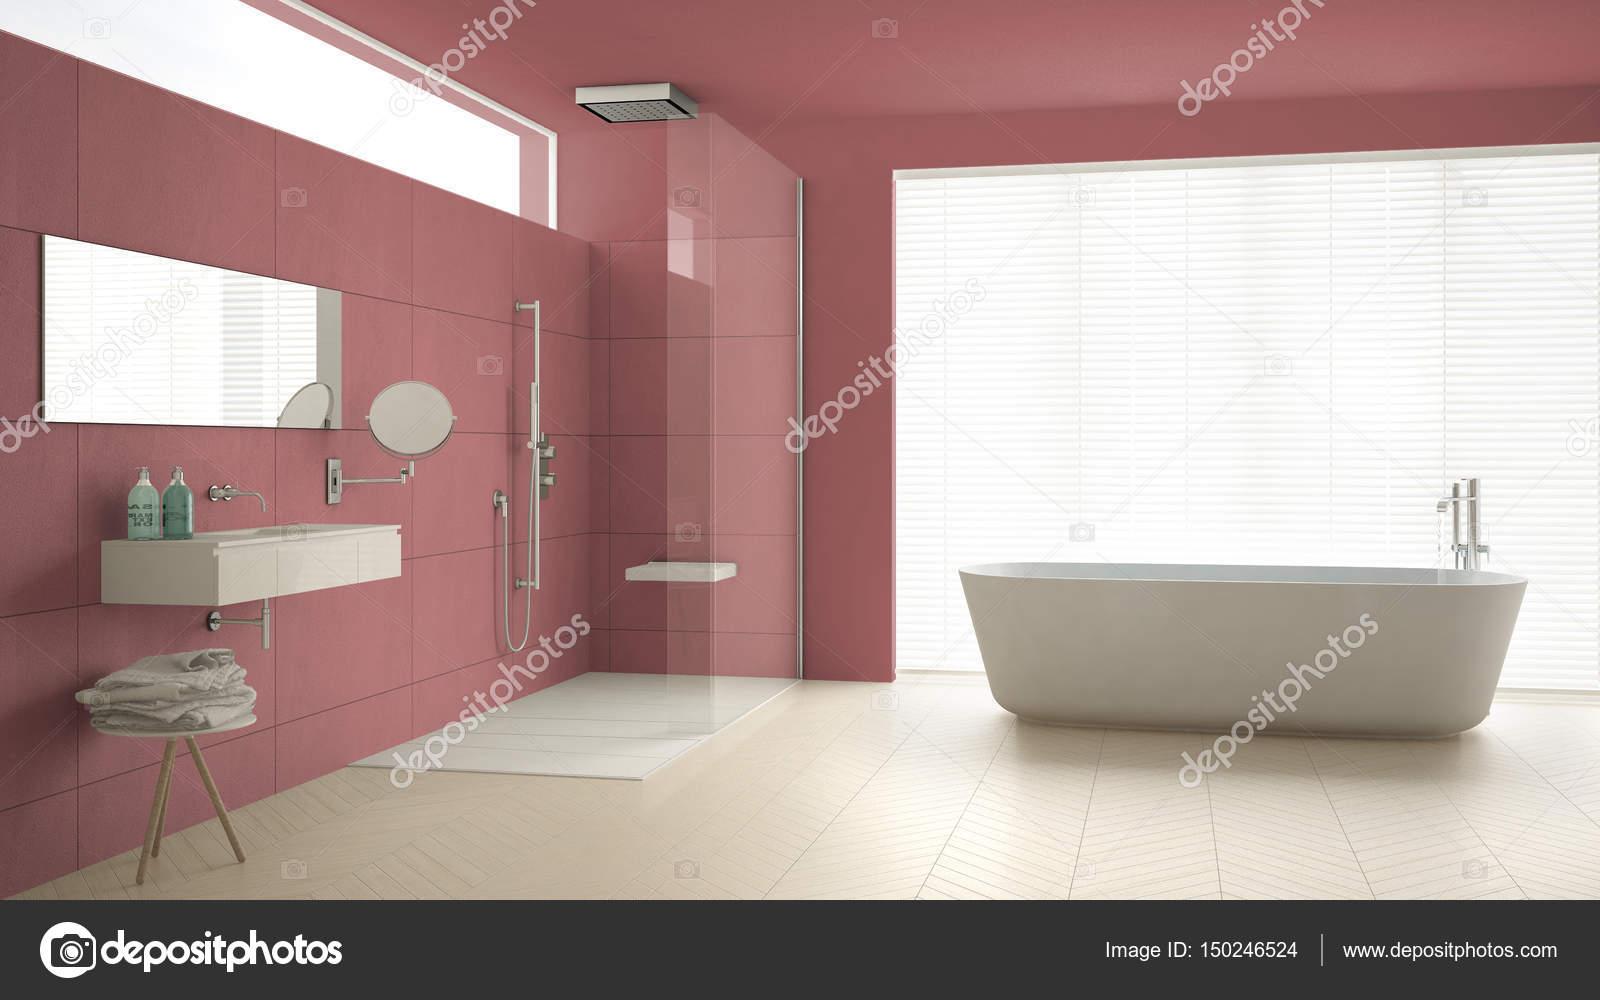 Vasca Da Bagno Rossa : Lavandino lavello vasca in marmo intarsiato rosso bagno